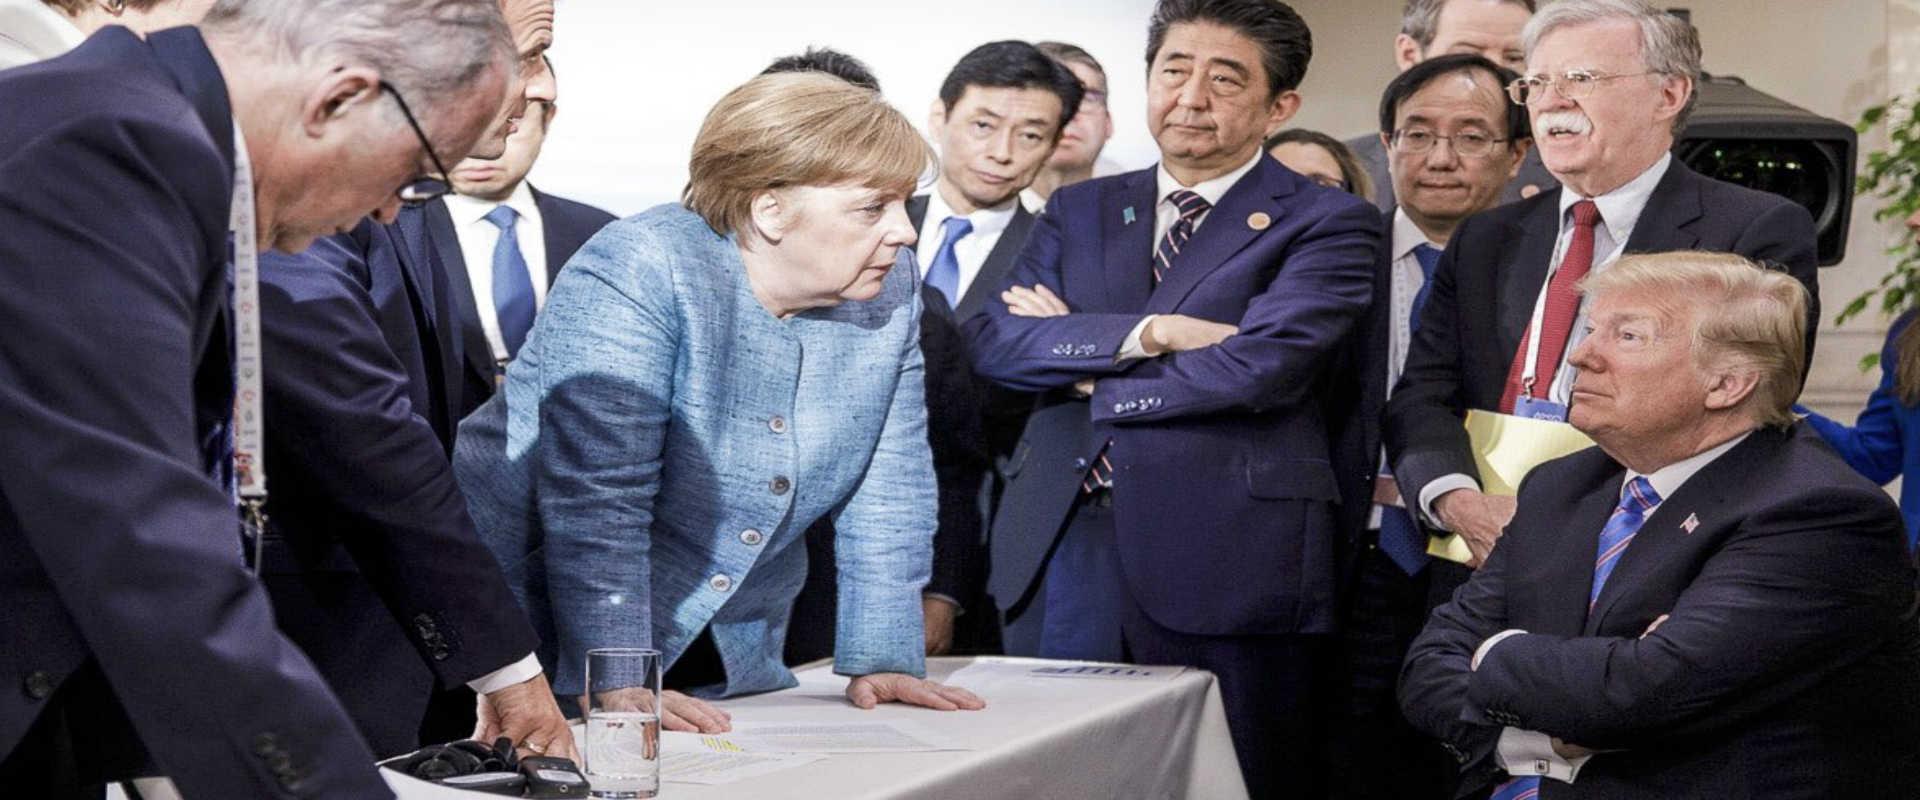 מנהיגי מדינות G7